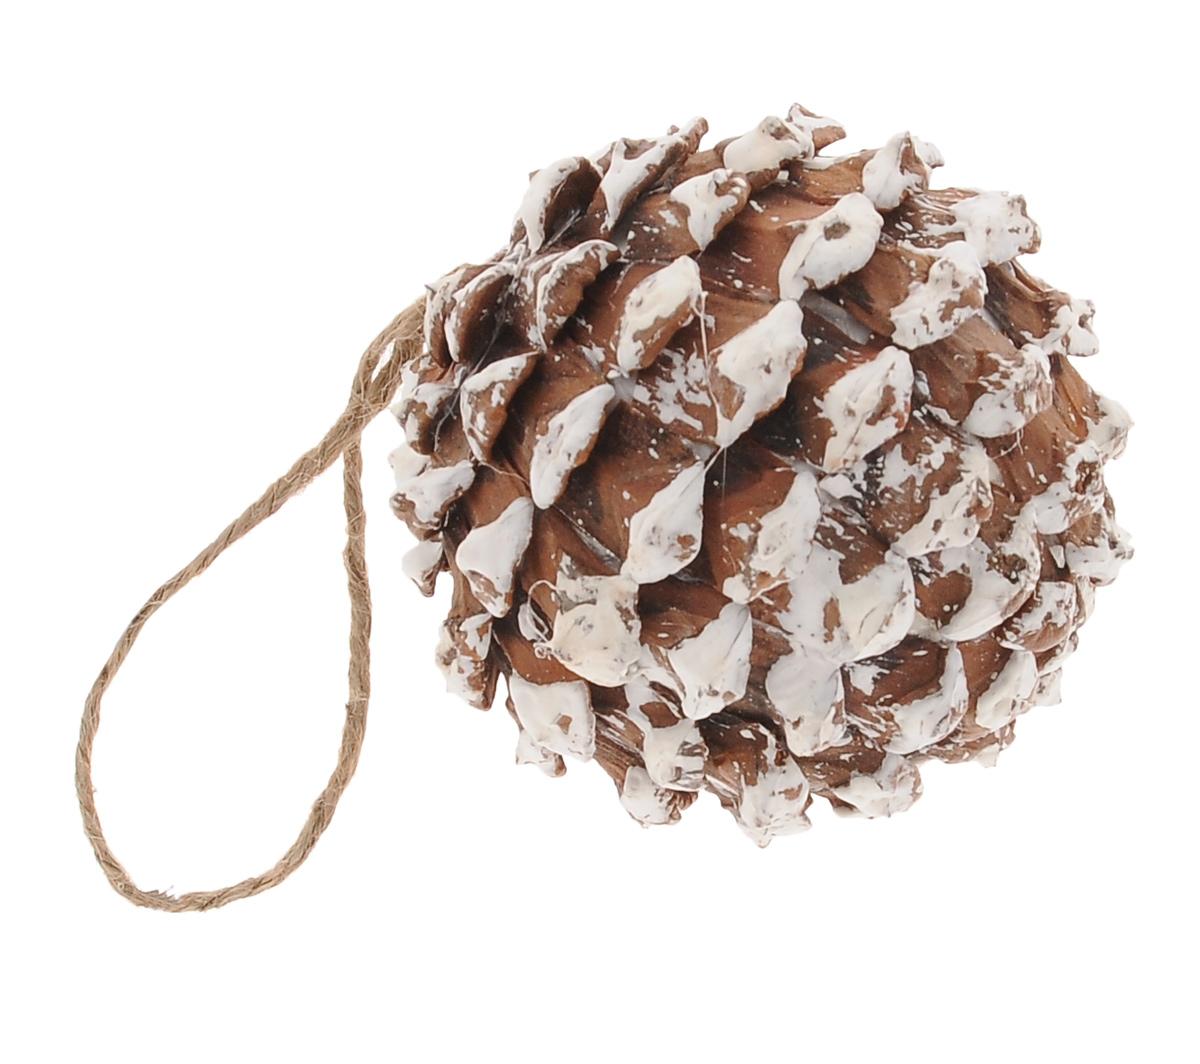 Новогоднее подвесное украшение Winter Wings Шишка, диаметр 8 смN180125Подвесное украшение Winter Wings Шишка, изготовленное из дерева, станет отличным новогодним украшением на елку. Изделие выполнено в виде круглой заснеженной шишки. Подвешивается на елку с помощью текстильной петельки. Ваша зеленая красавица с таким украшением будет выглядеть стильно и волшебно. Создайте в своем доме по-настоящему сказочную атмосферу.